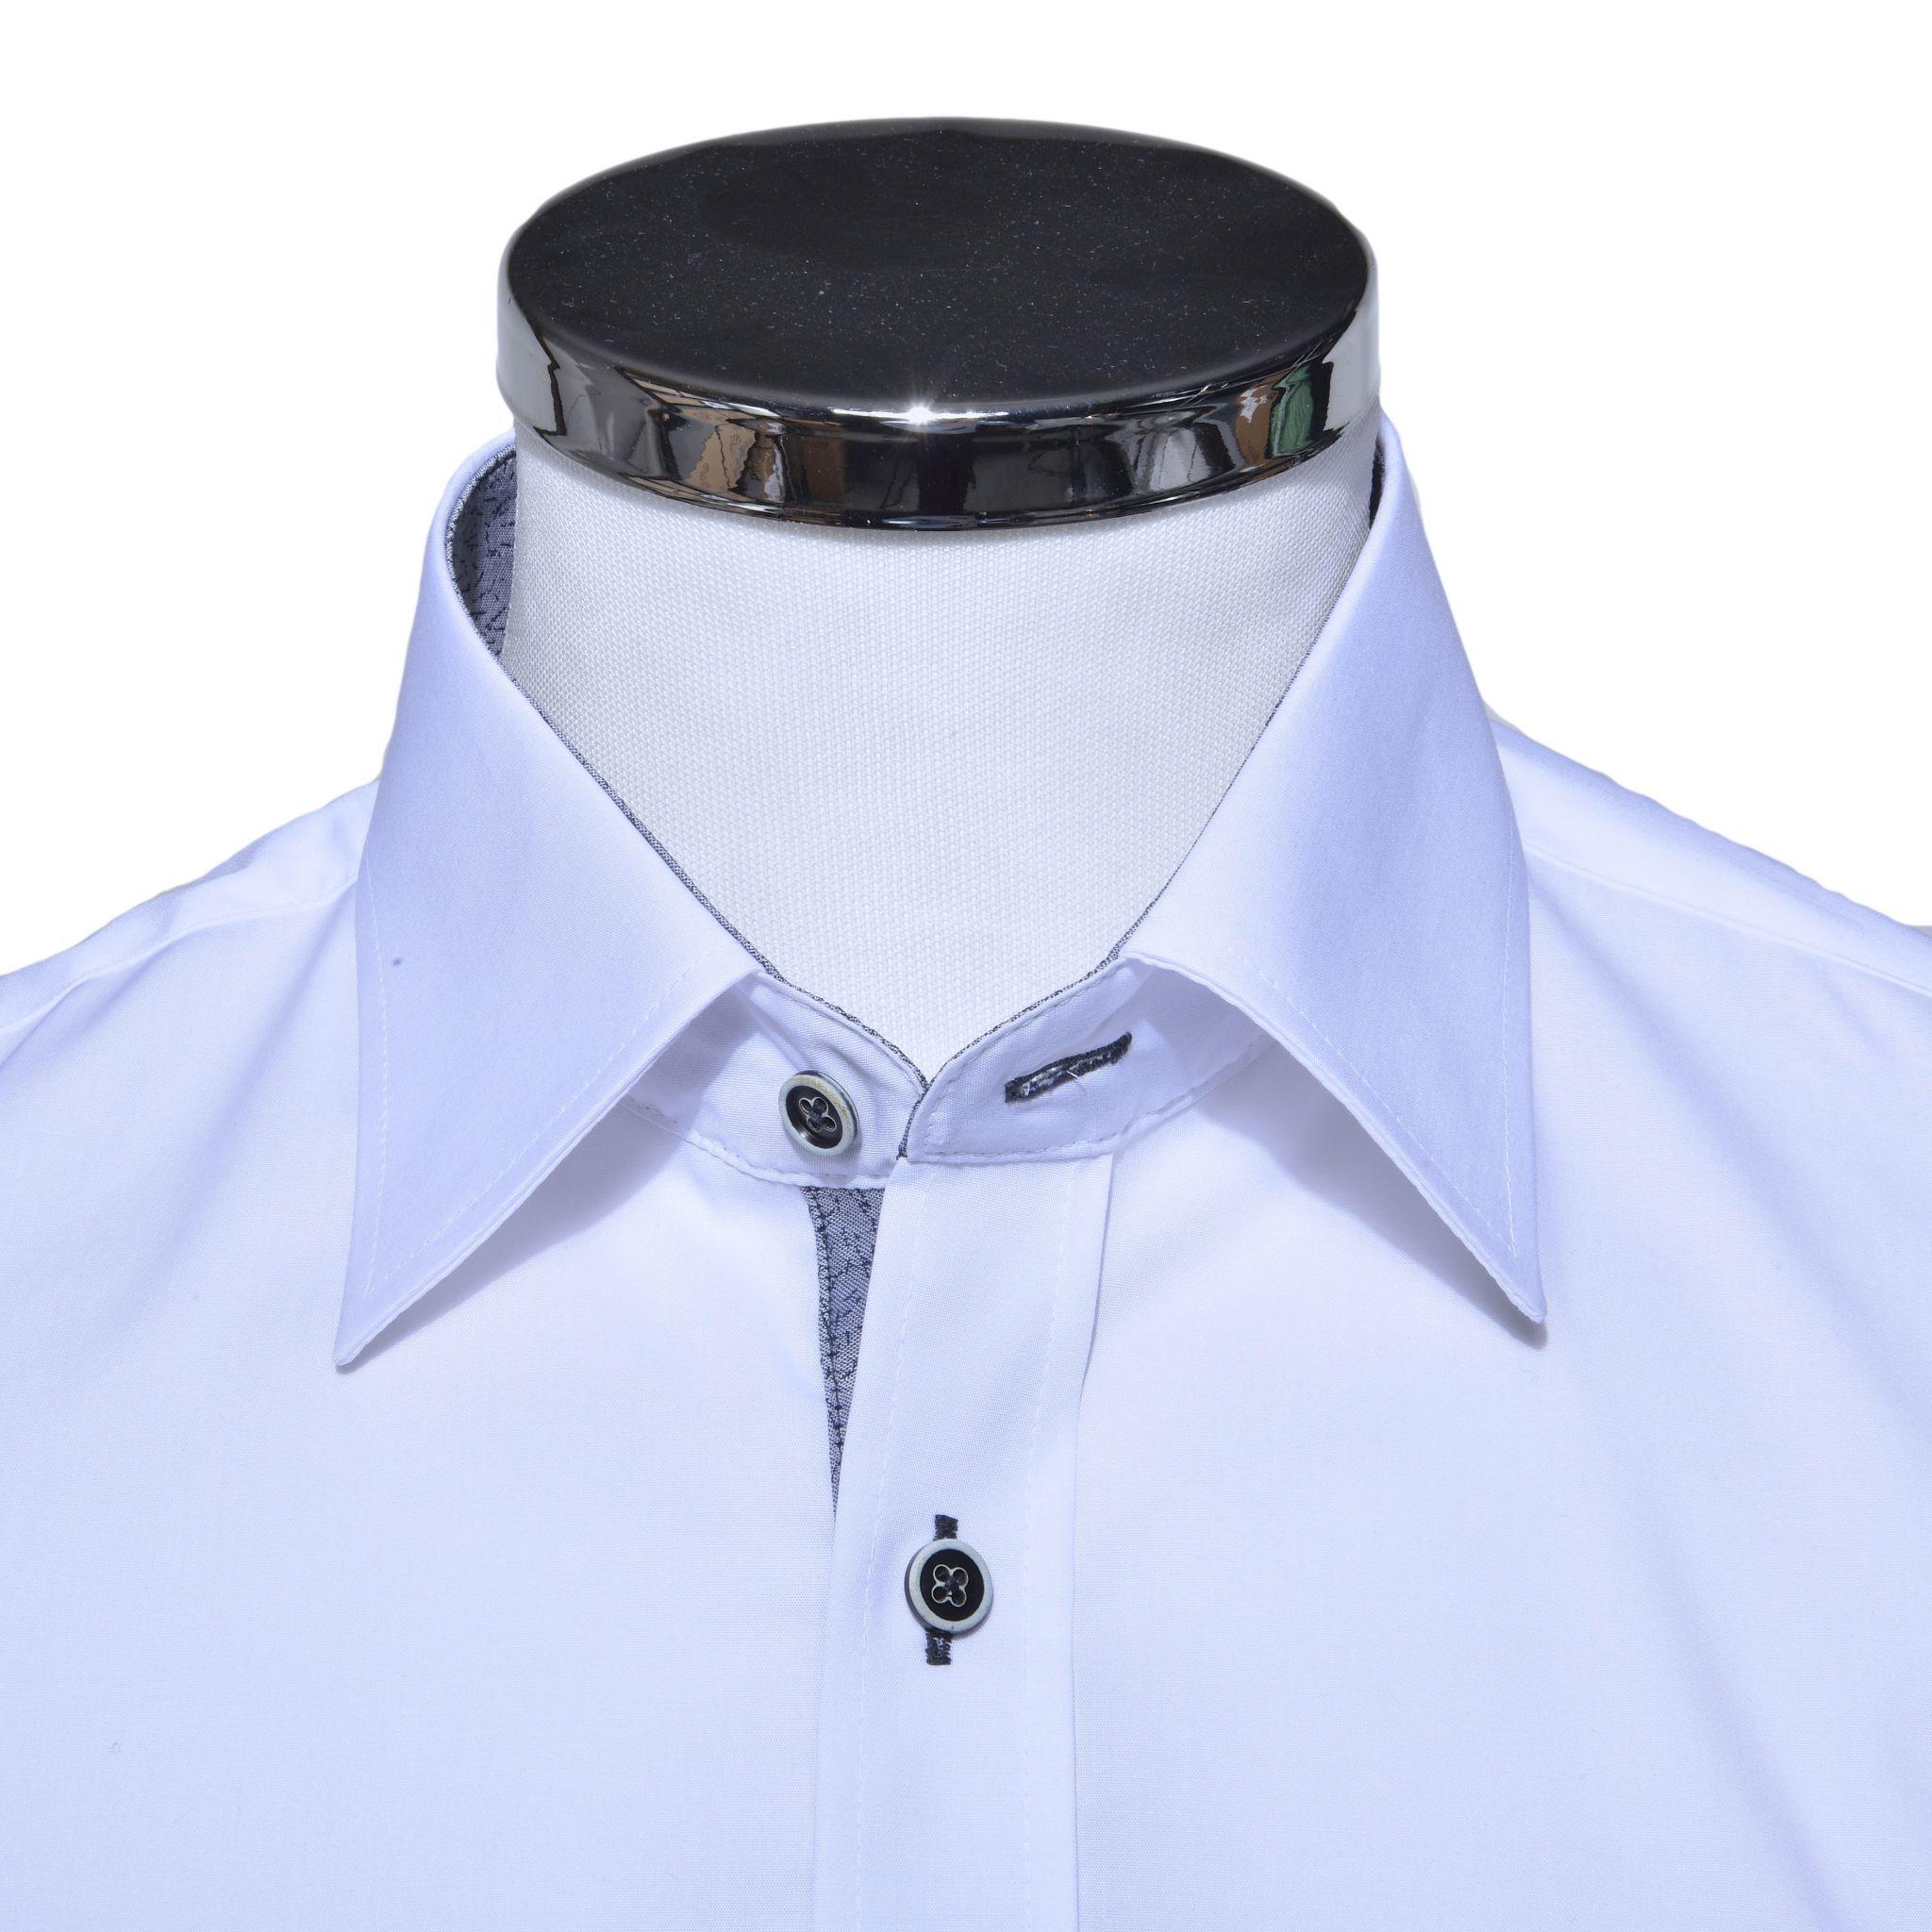 37d71b91331b Biela Extra Slim Fit košeľa - Košele - E-shop